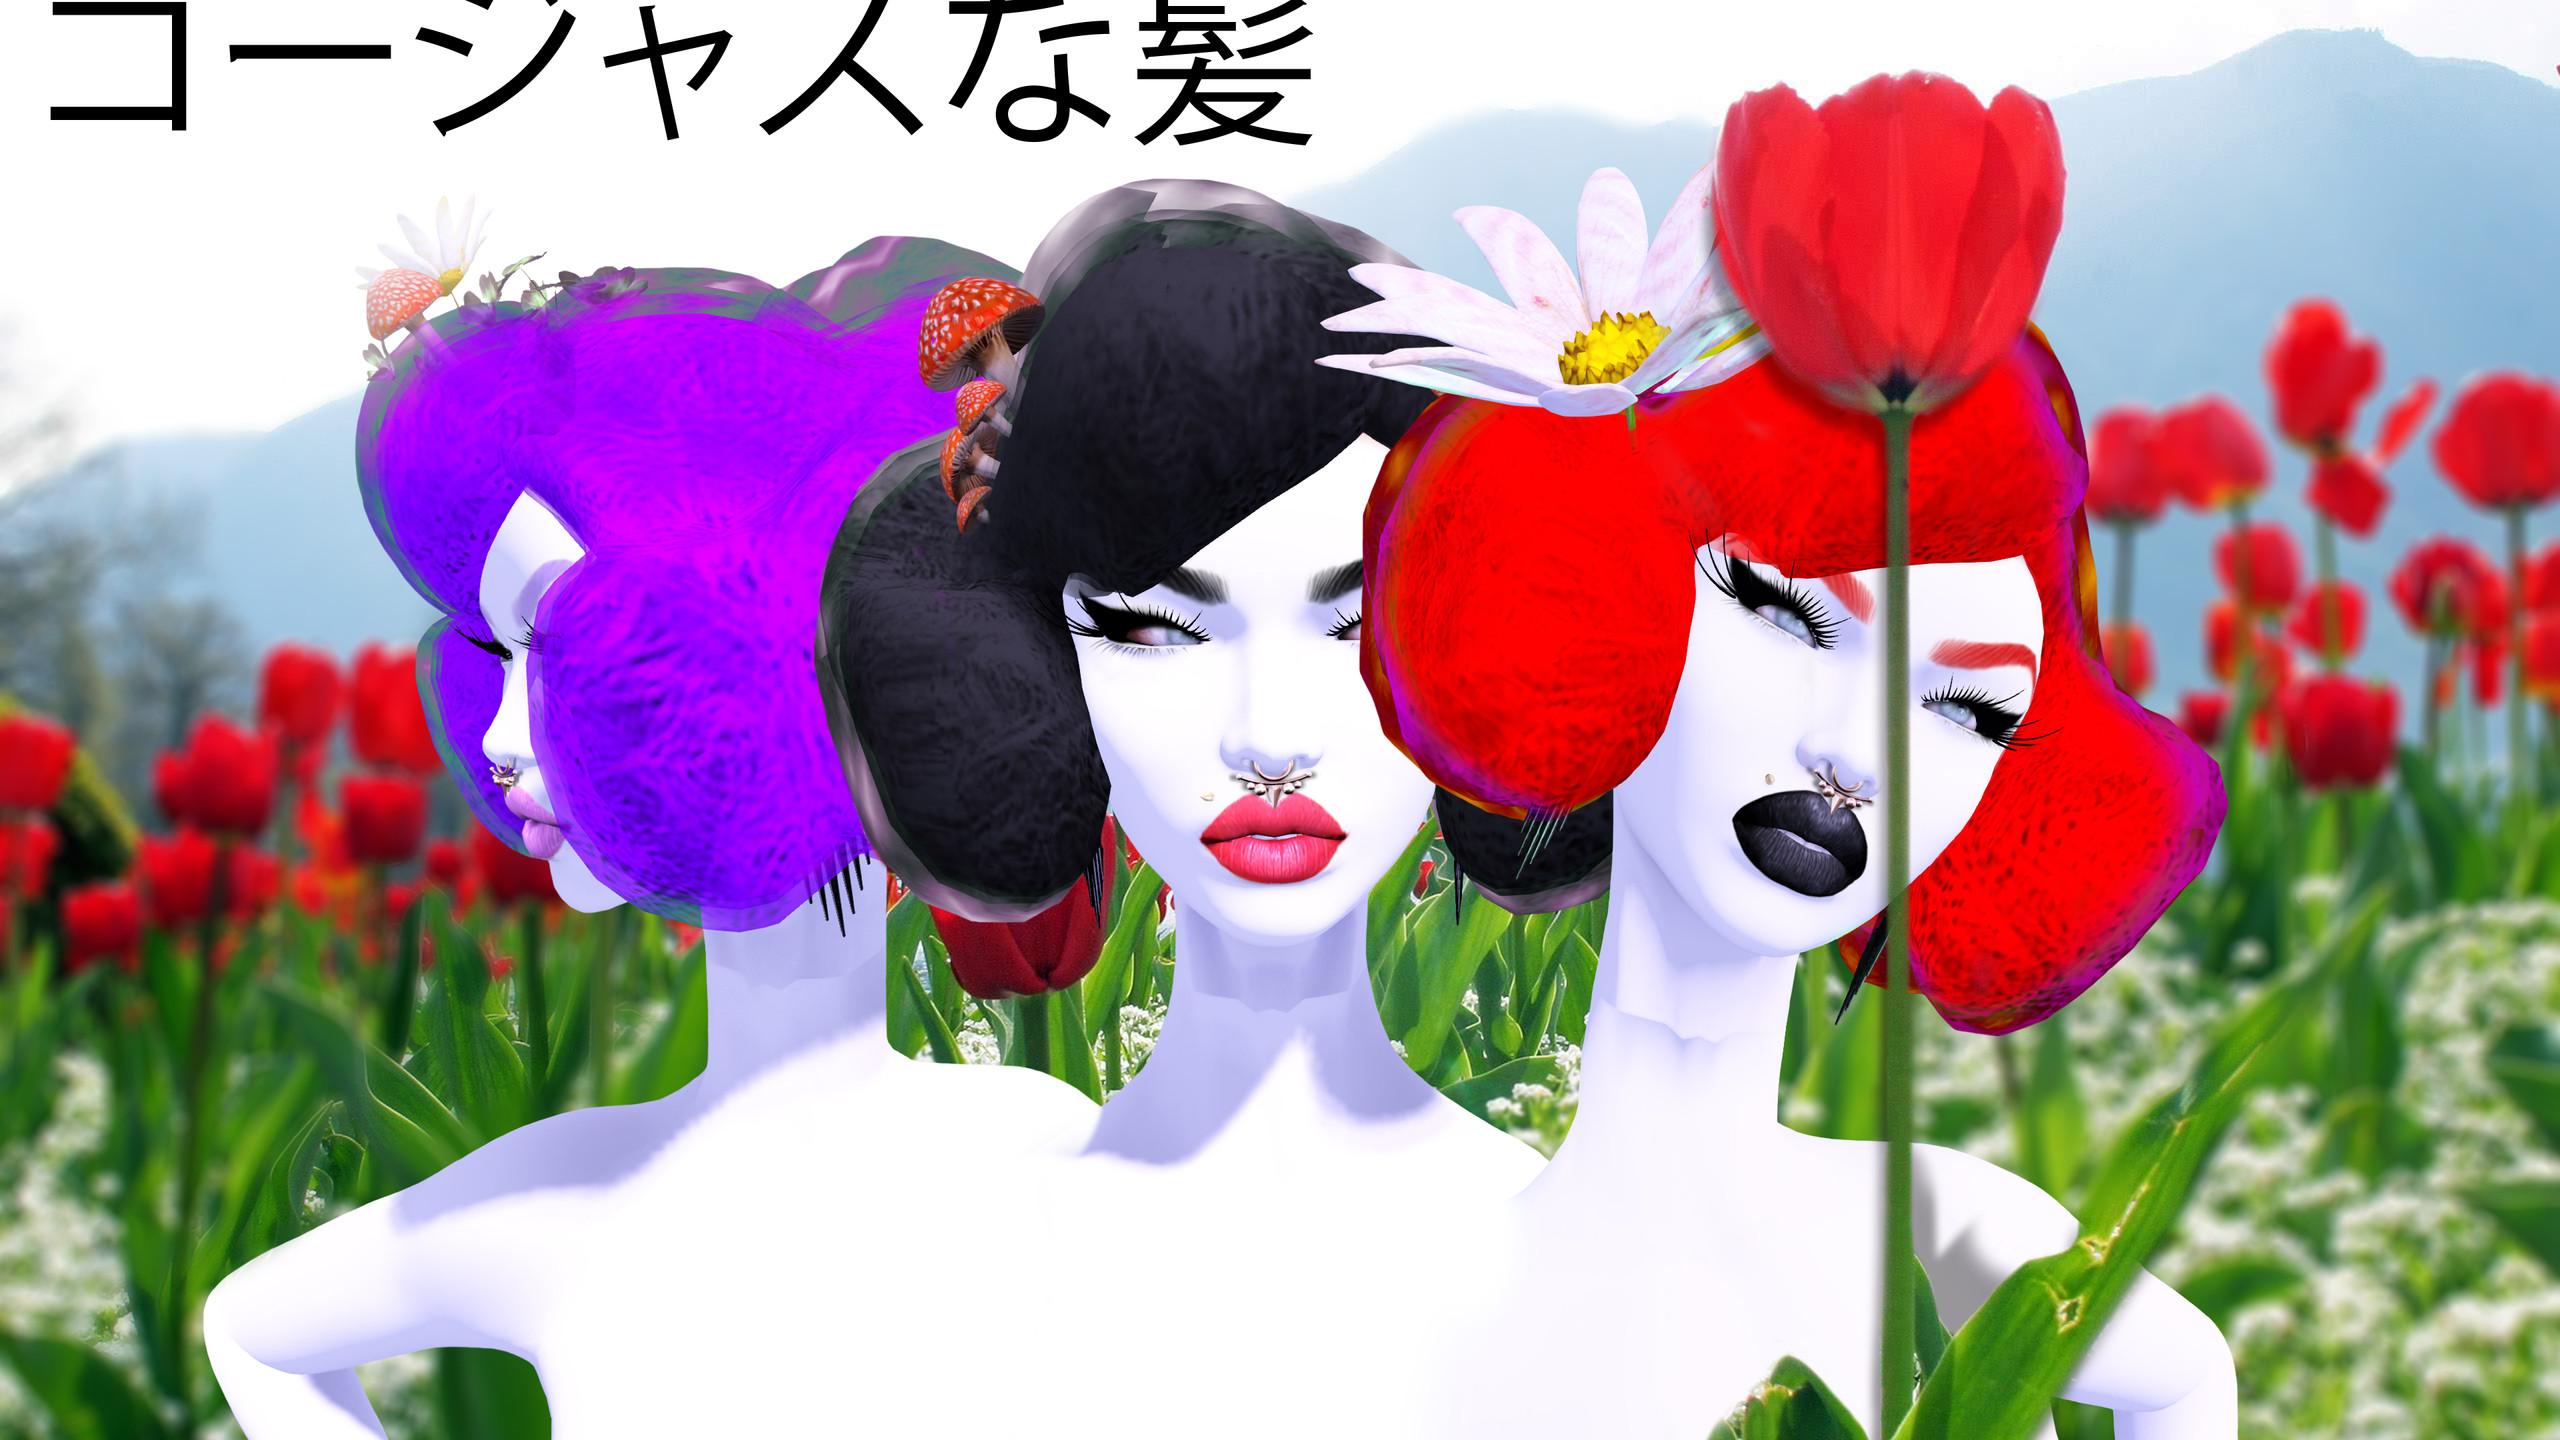 Tamagosenbei 01